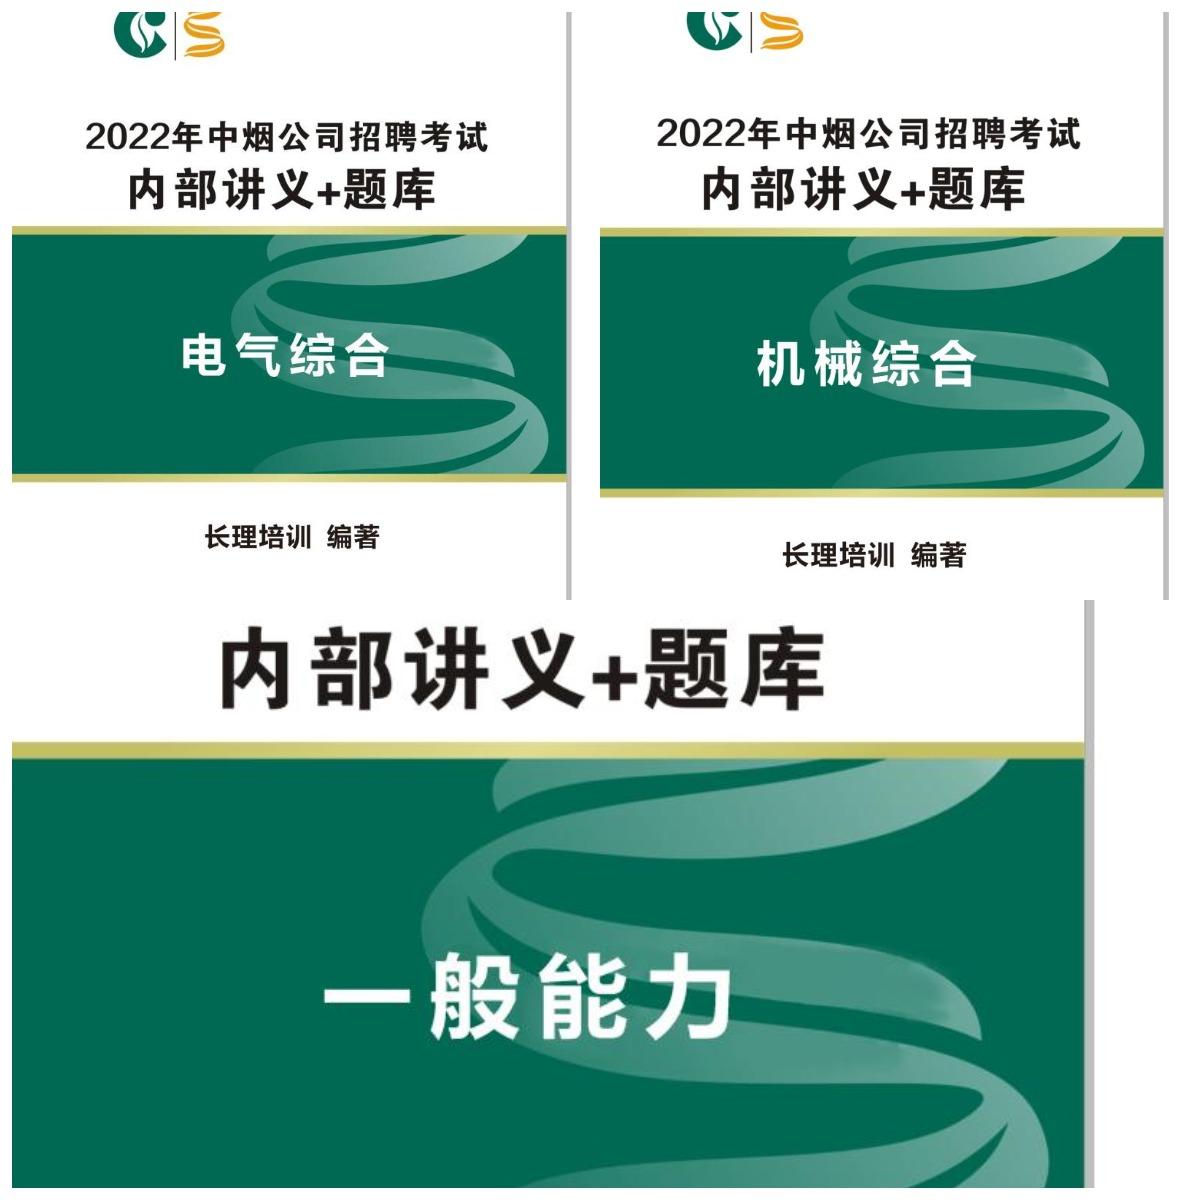 车间技术工人一岗专科考试教材(2022年湖南中烟招聘用),免费包邮。